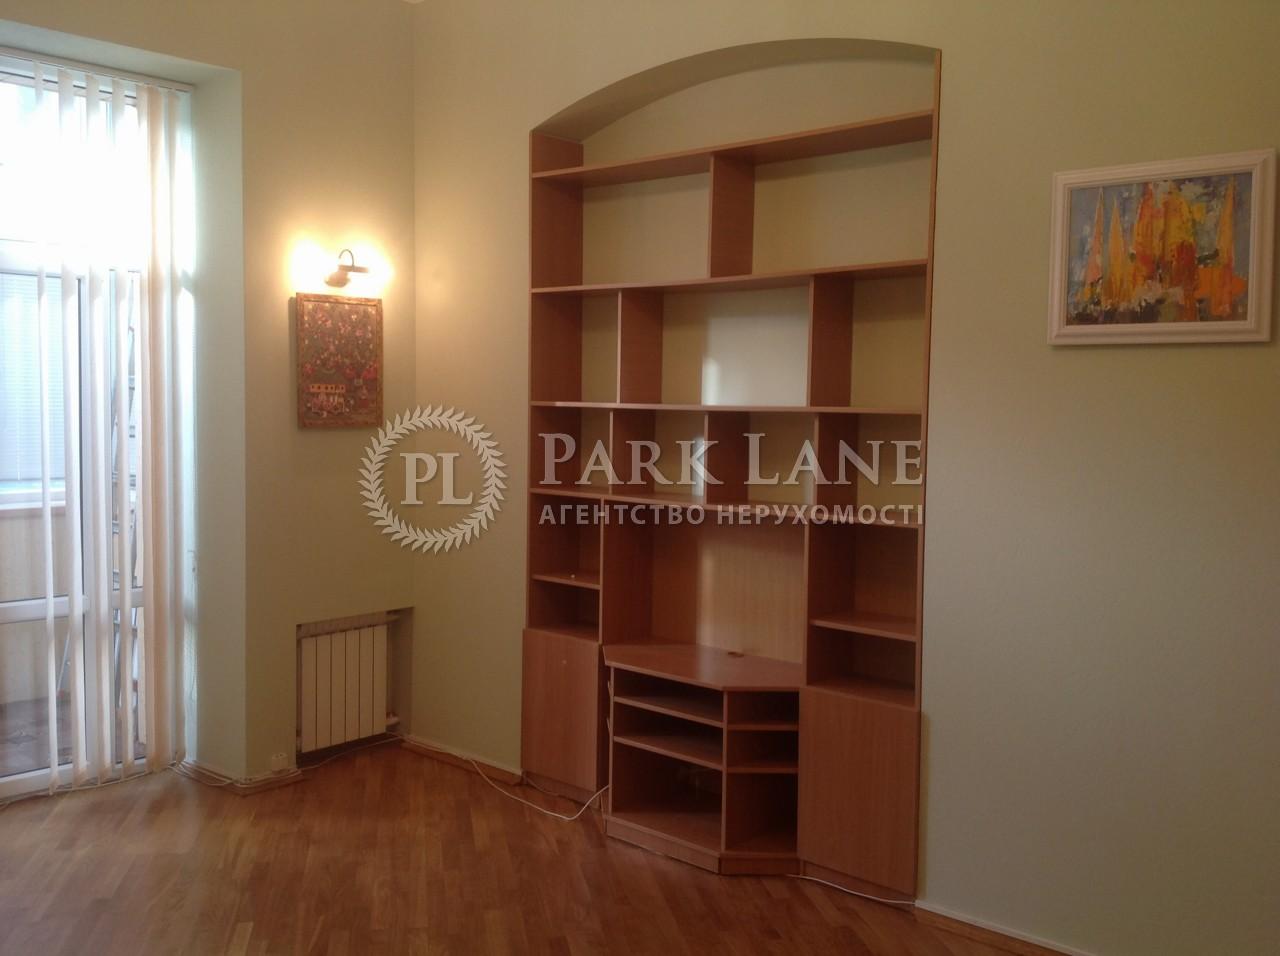 Нежилое помещение, Z-1536205, Бульварно-Кудрявская (Воровского), Киев - Фото 8